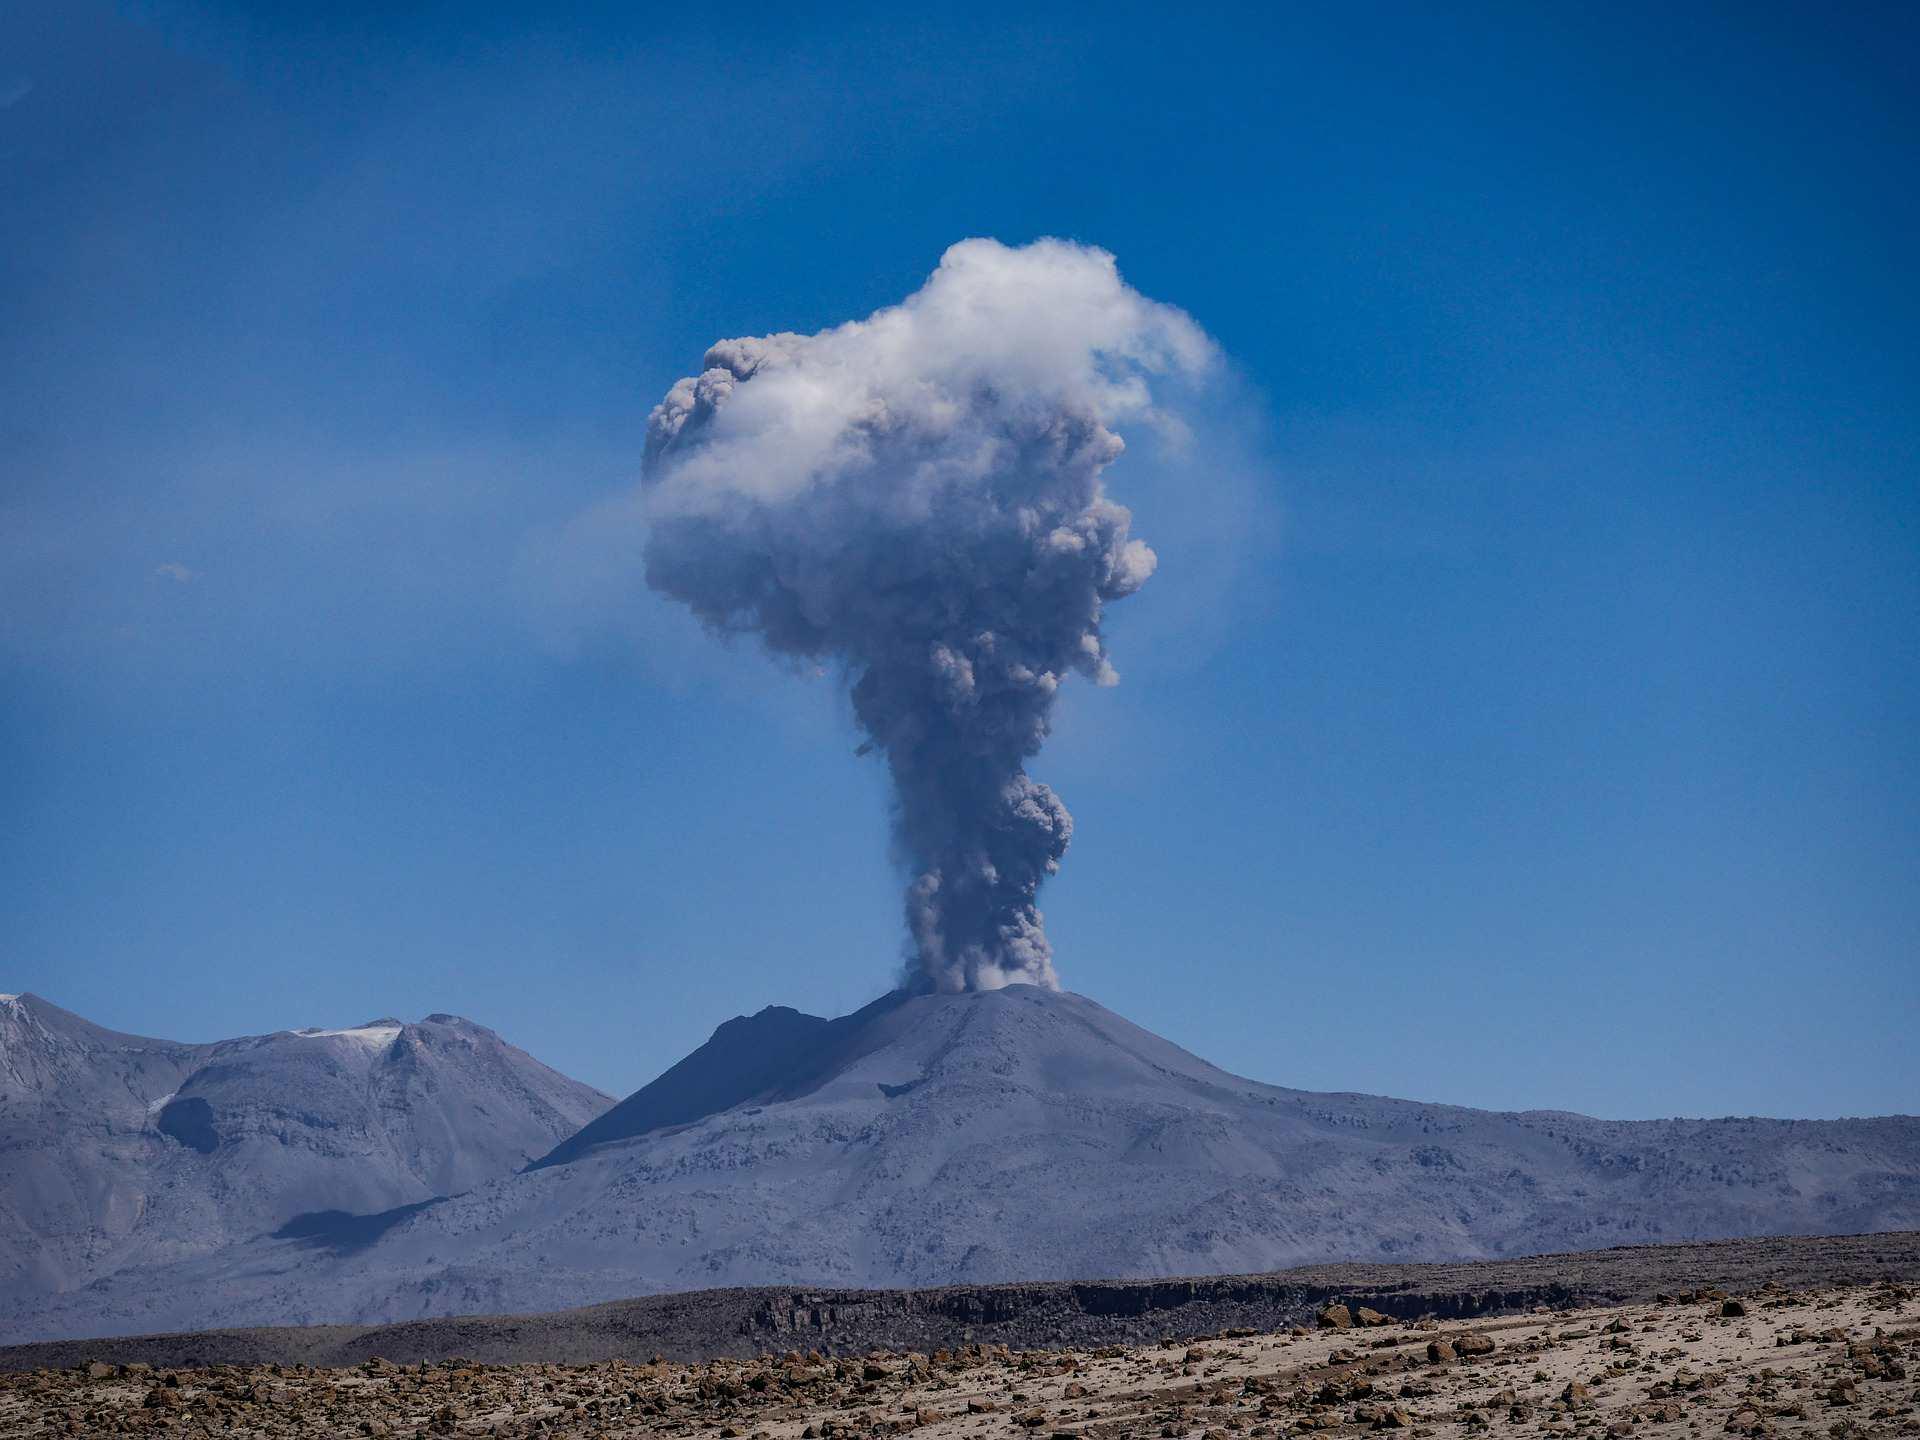 Volcano spewing smoke into a blue sky.